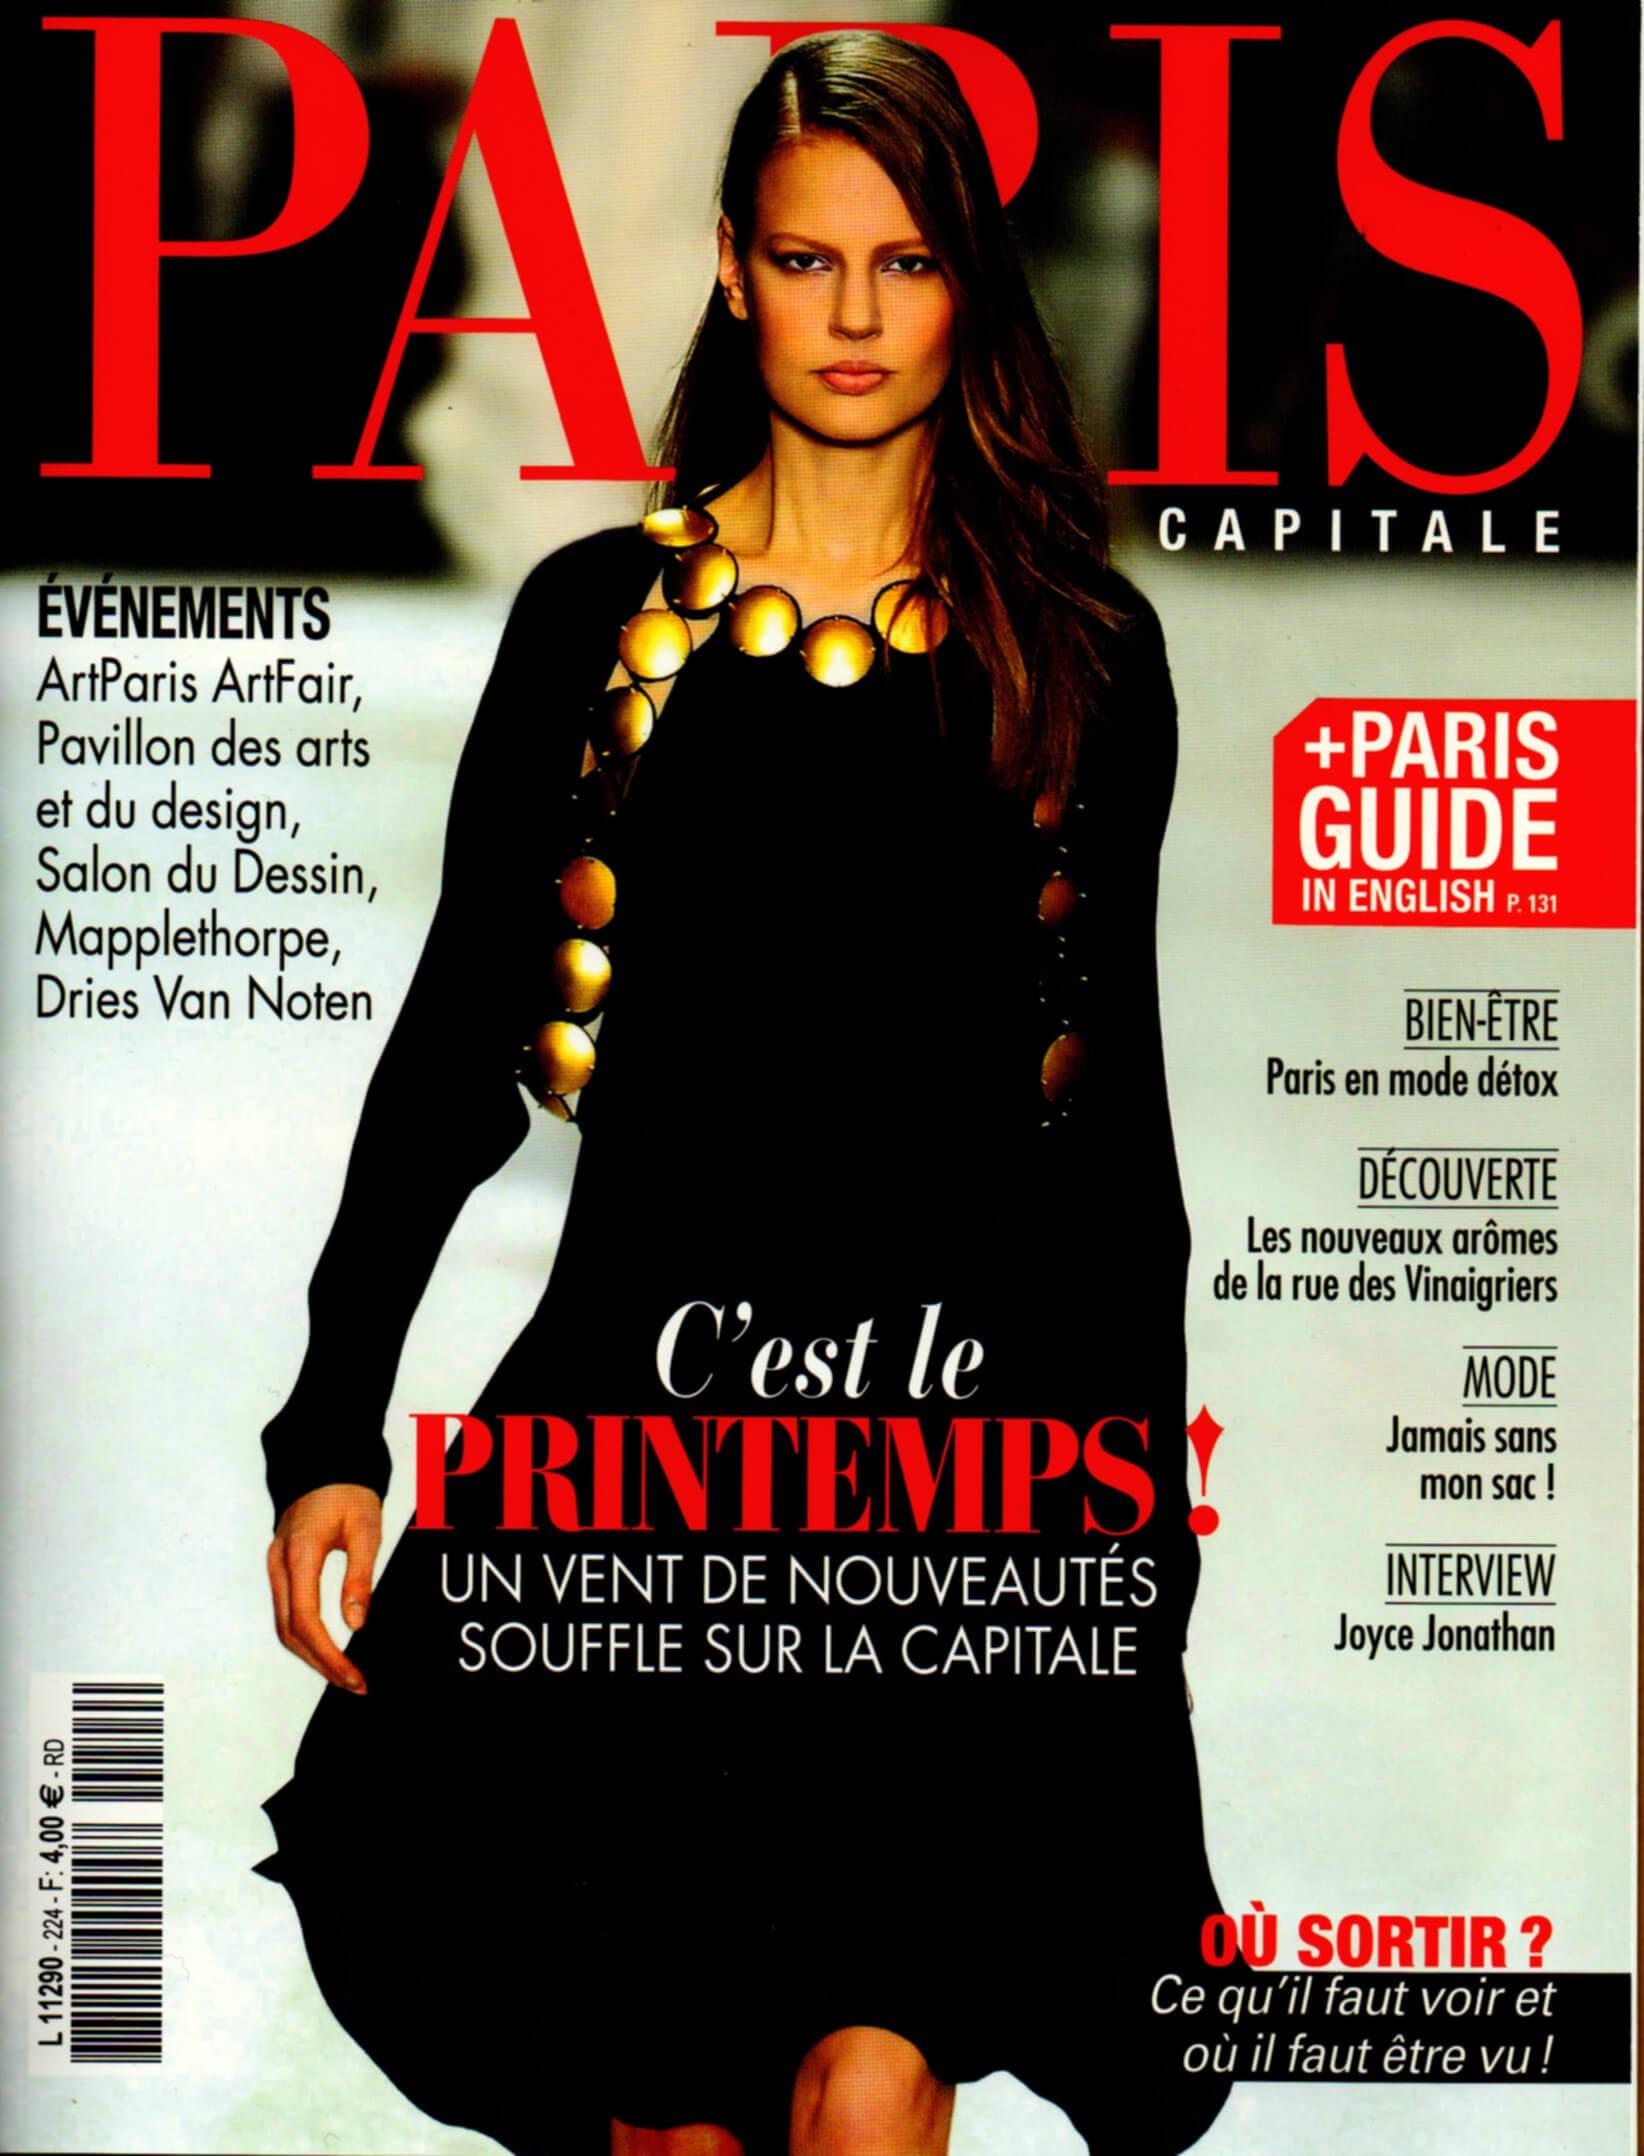 2014 Paris Capitale mars 2014 - Couve.jpg